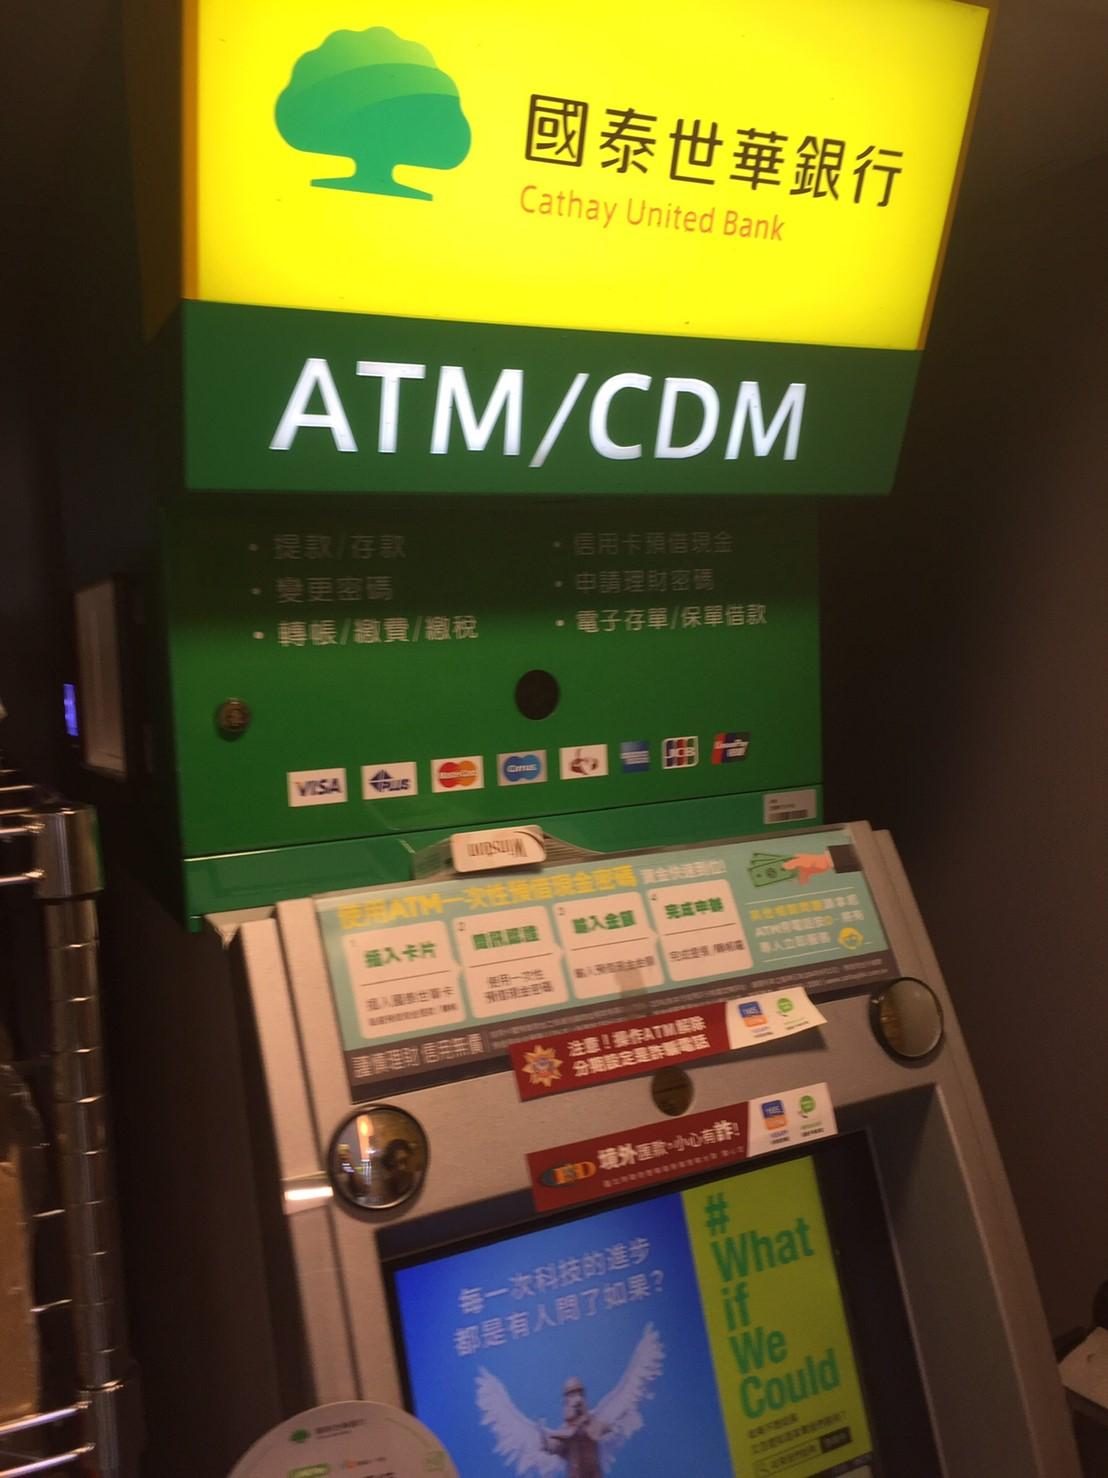 台湾 海外キャッシング レート 國泰世華銀行のATM